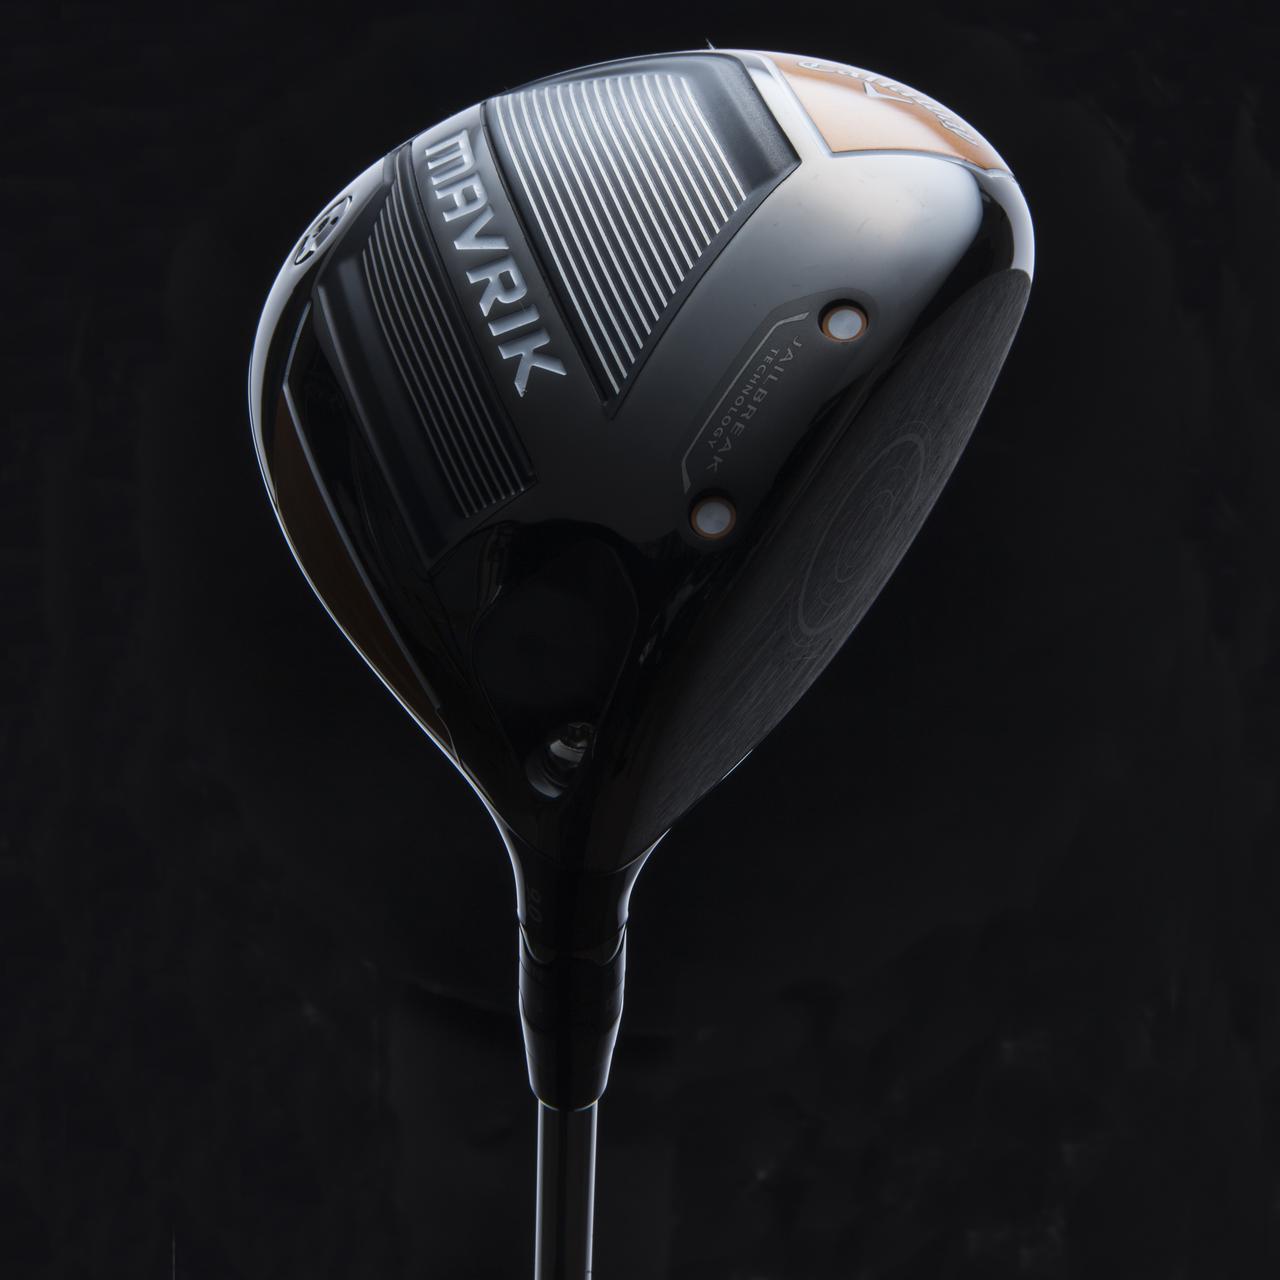 画像8: 【ドライバー研究】ヘッド形状でヘッドスピードは上がる!? ドライバー開発の最新トレンドは空気抵抗!